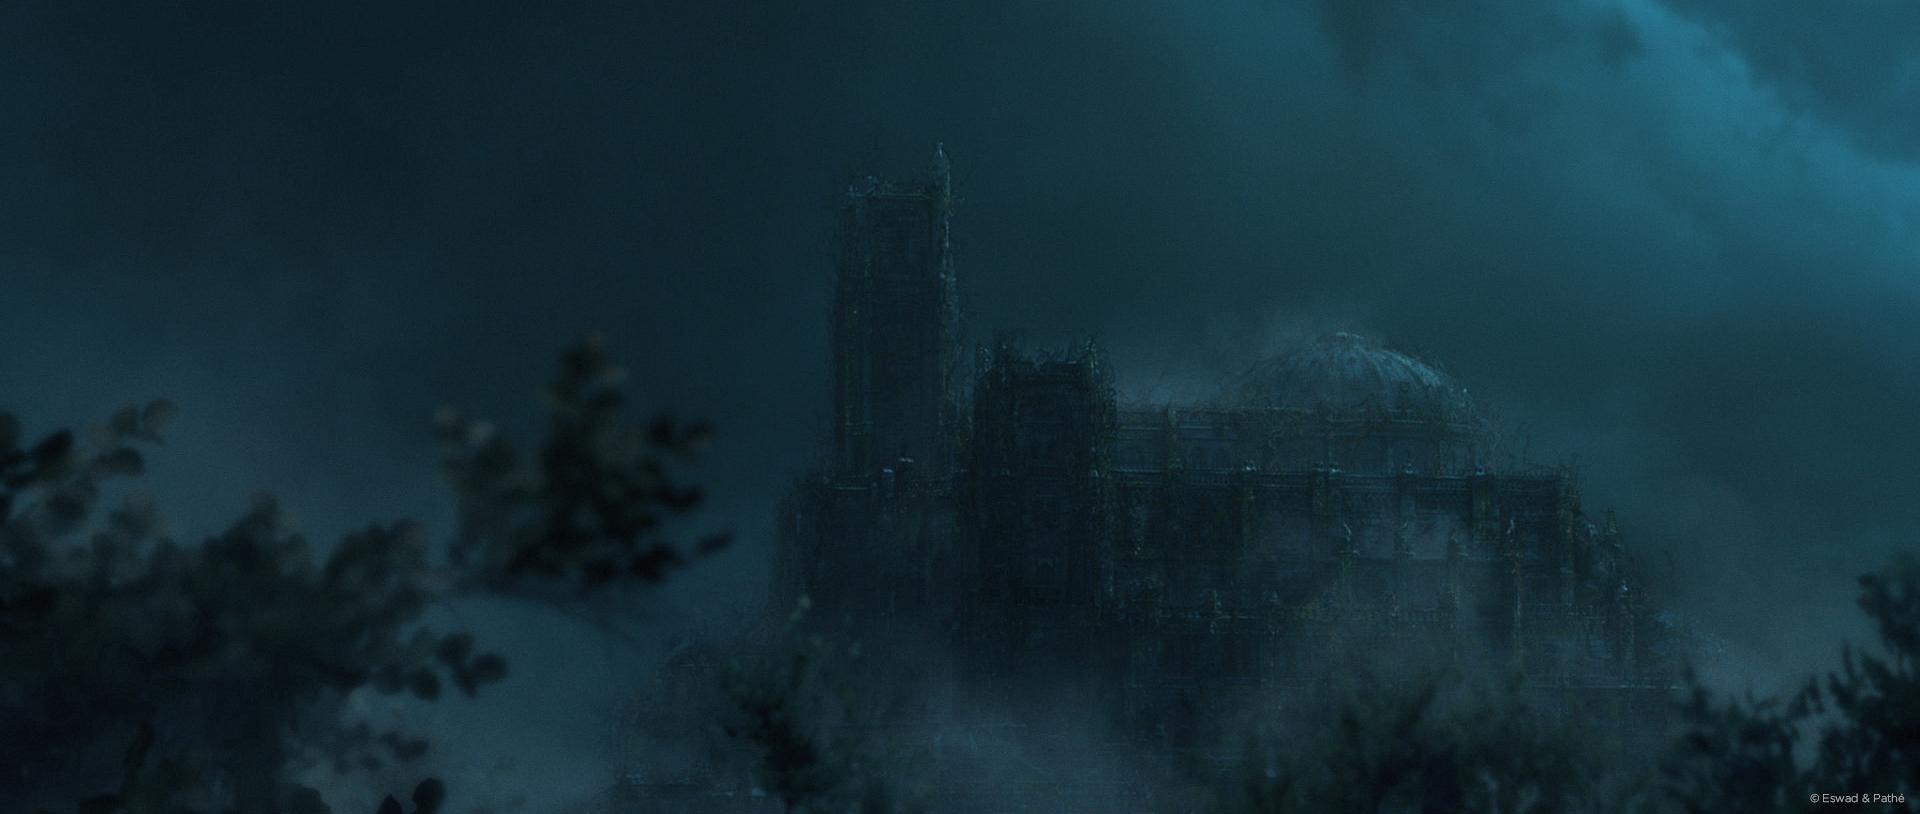 belle-et-la-bete-castle-night-darkness